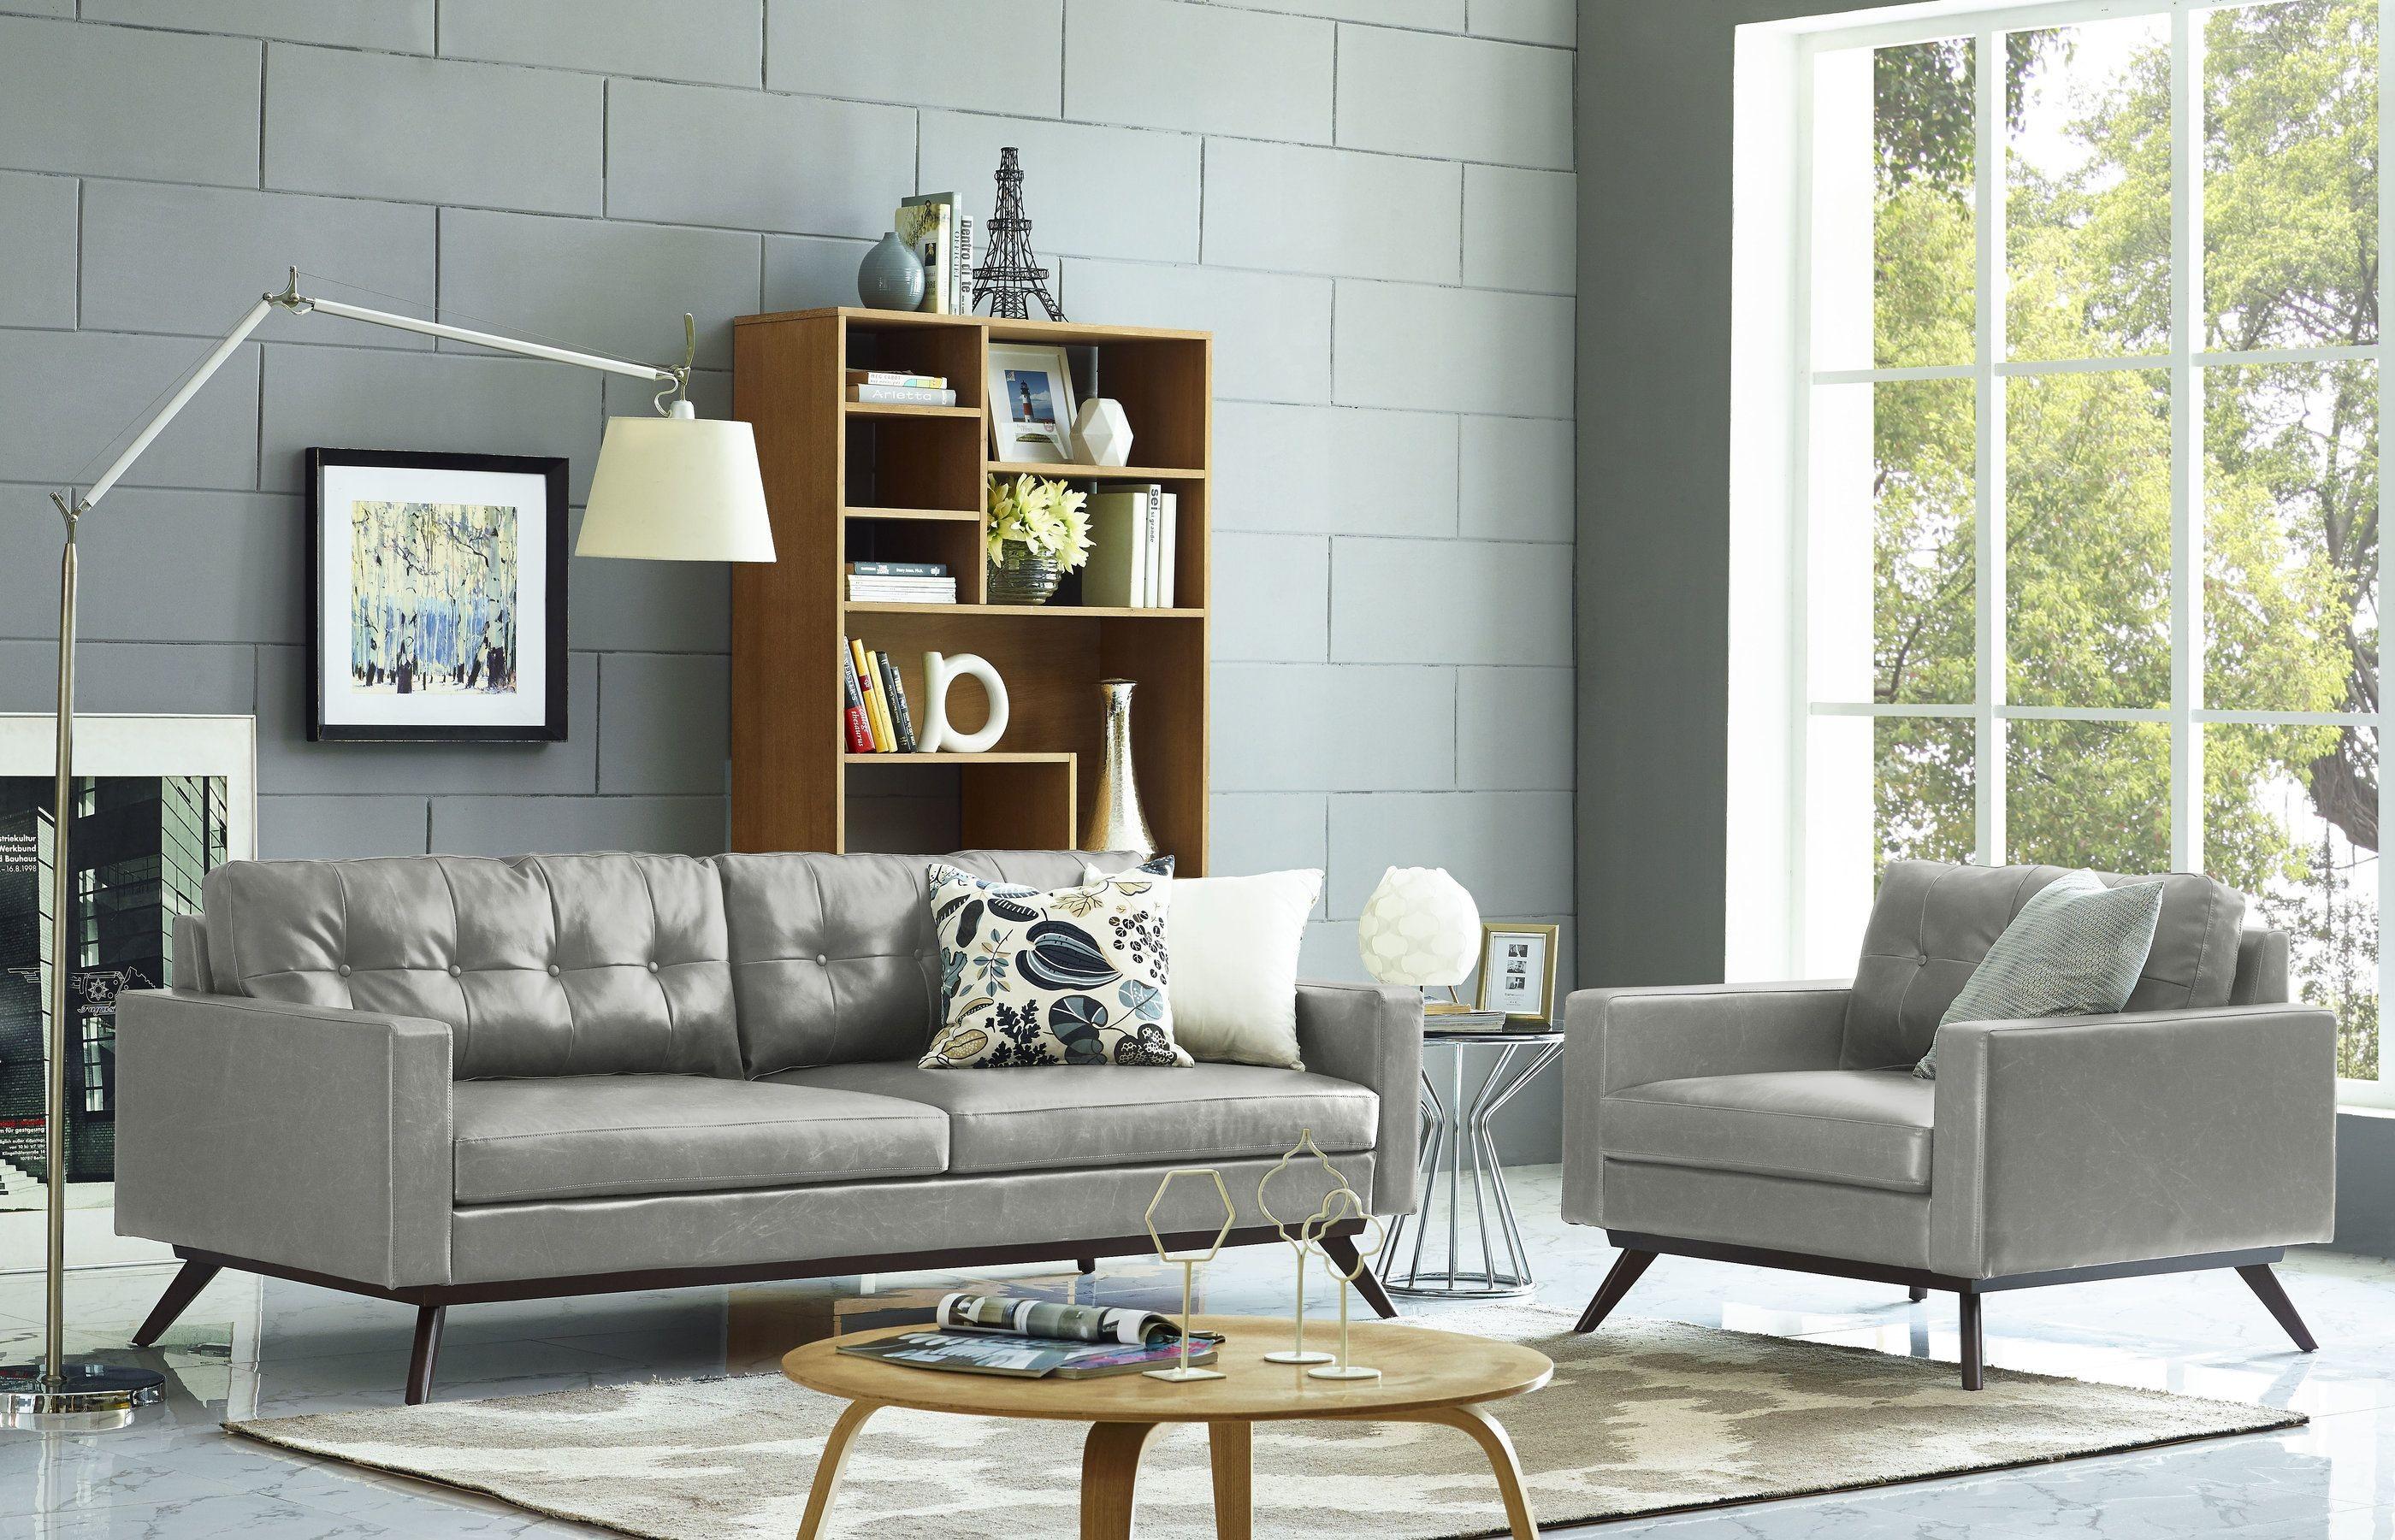 Living room sets grey modern house for Living room furniture 0 finance